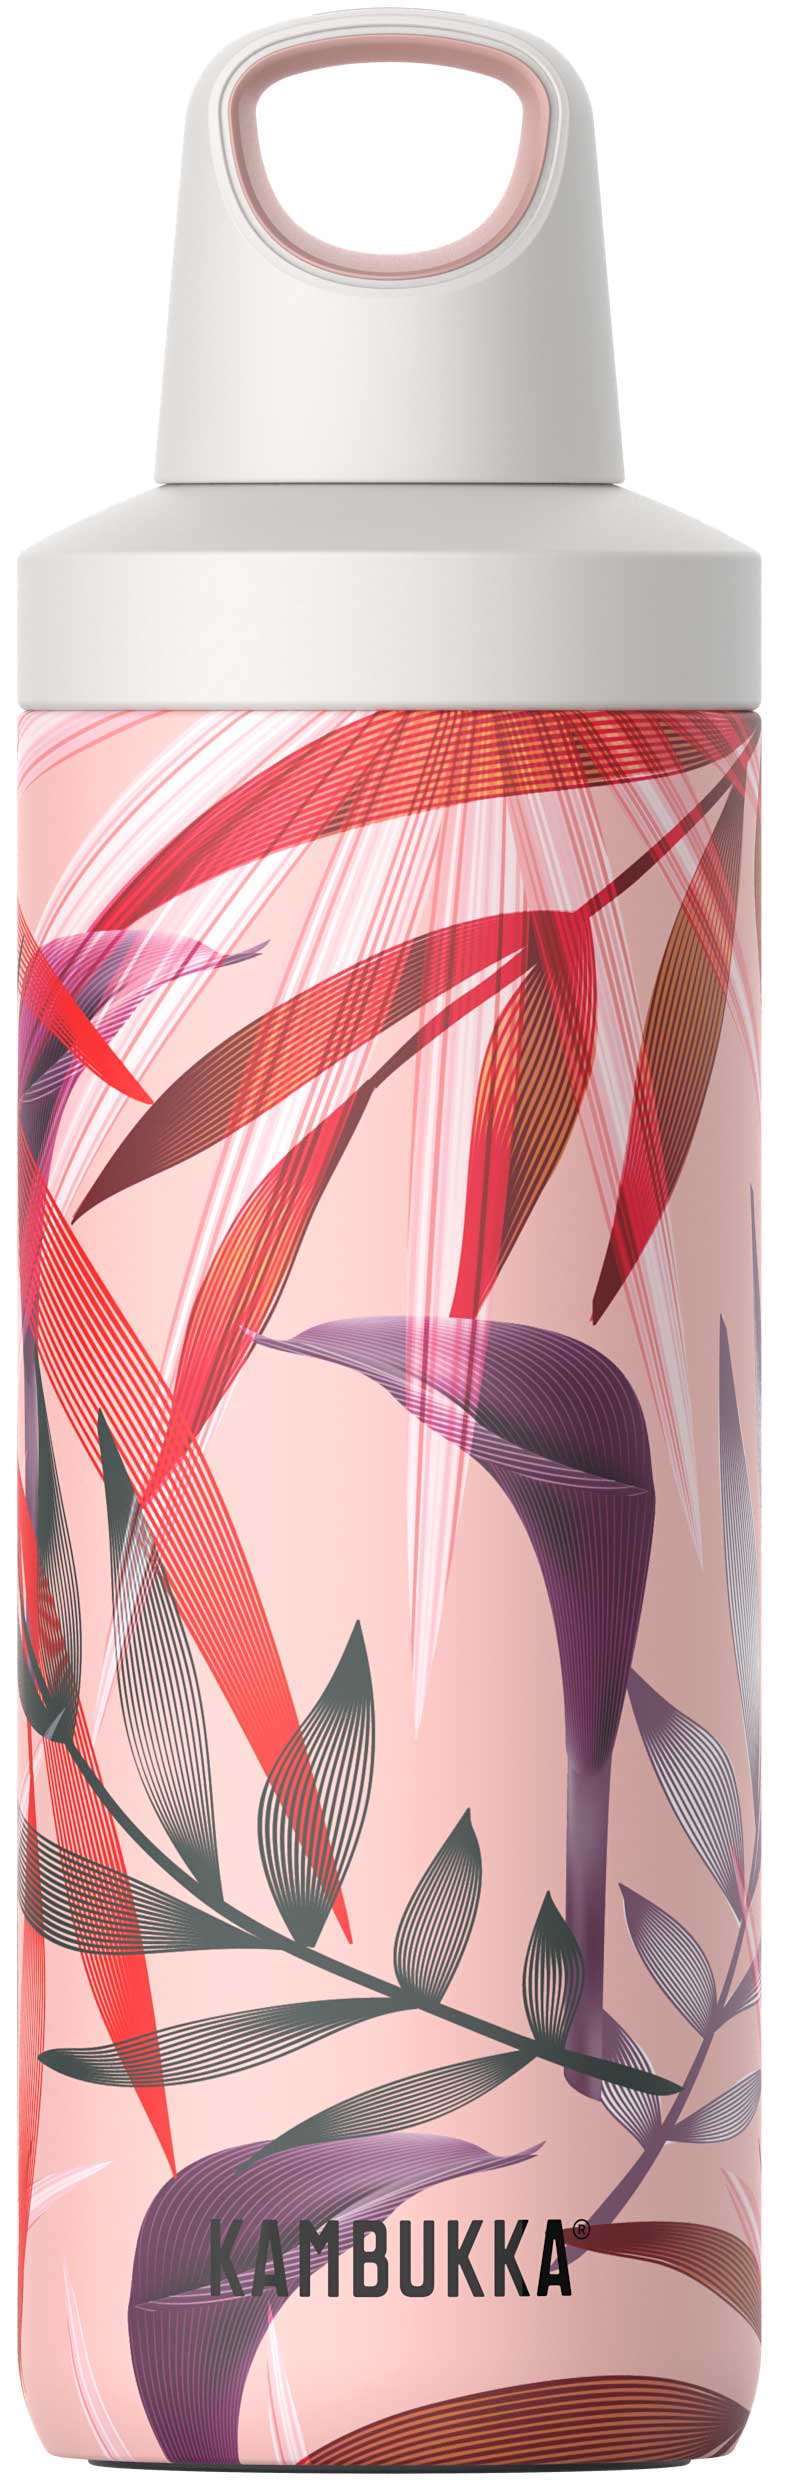 """בקבוק שתיה תרמי 500 מ""""ל קמבוקה Kambukka Trumpet Flowers"""